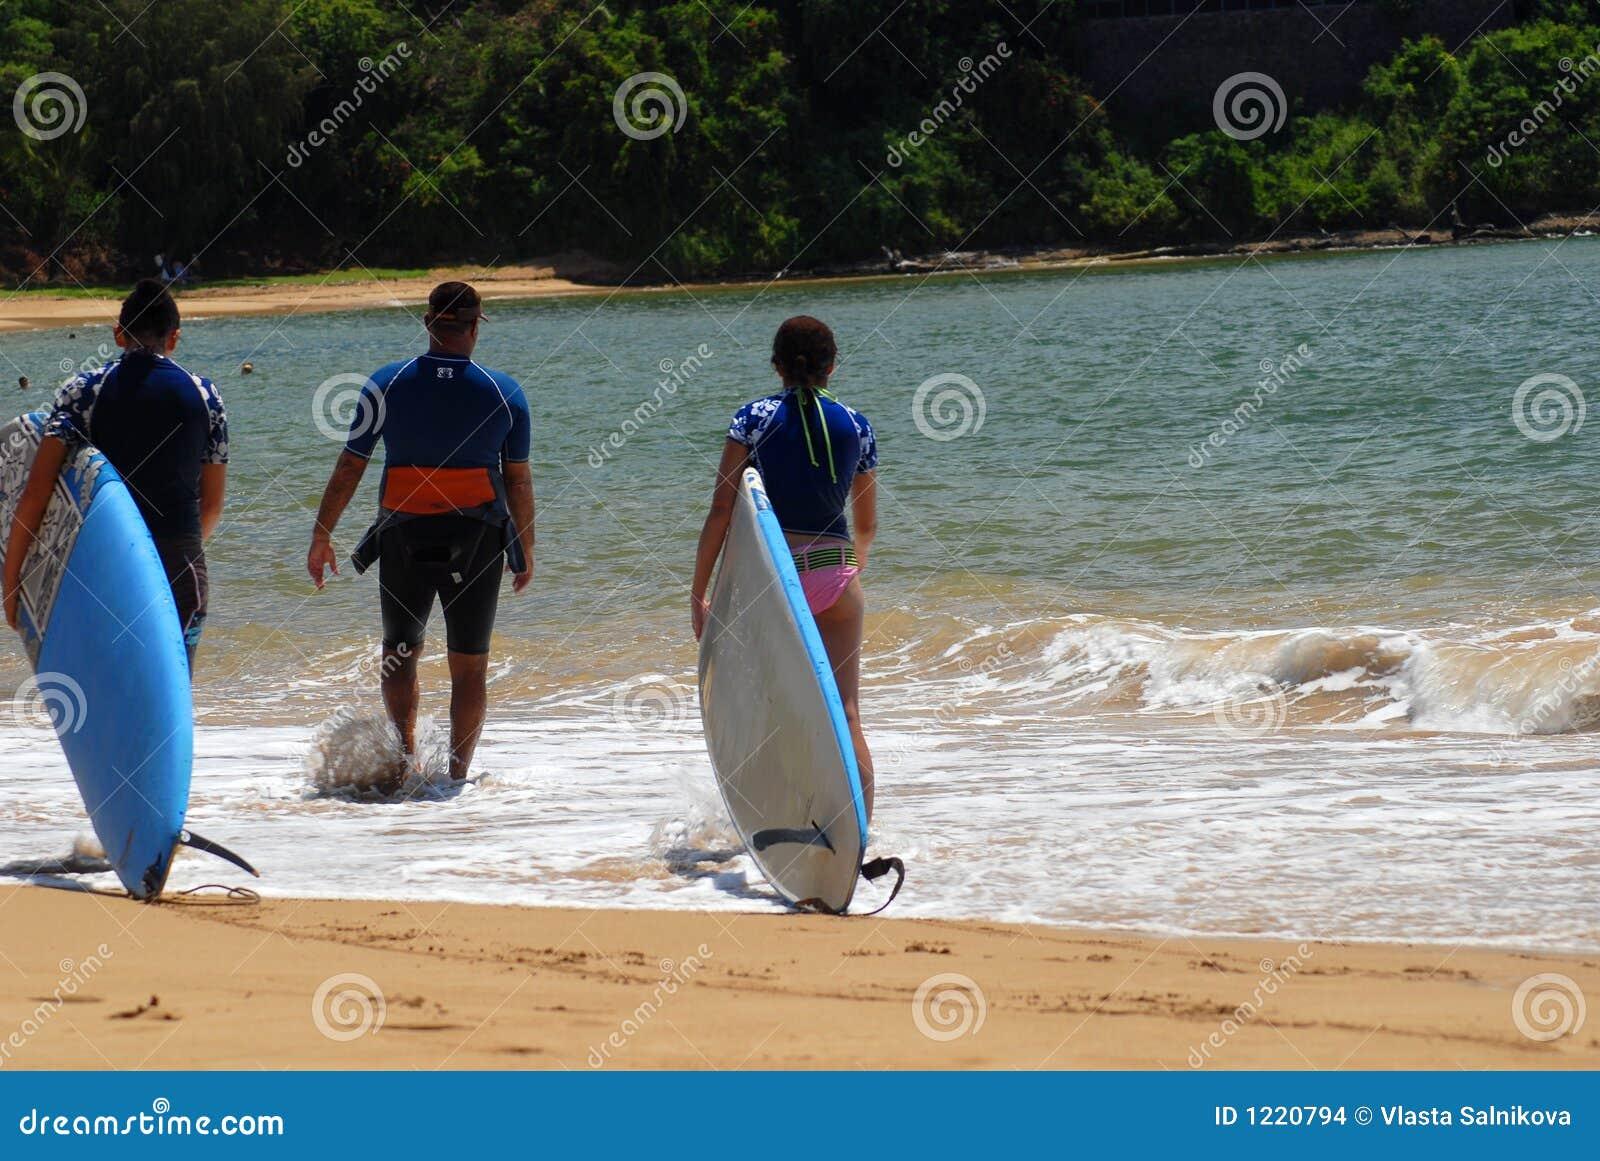 SurfingClass